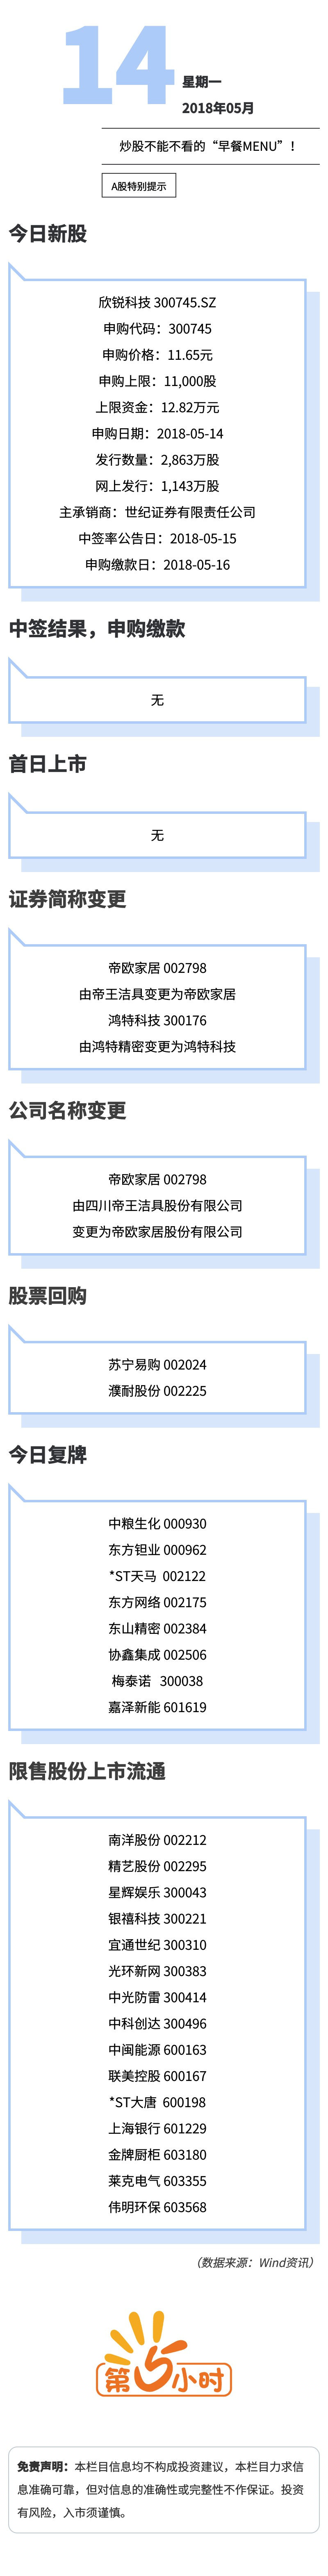 A股特别提示(2018-05-14).jpg